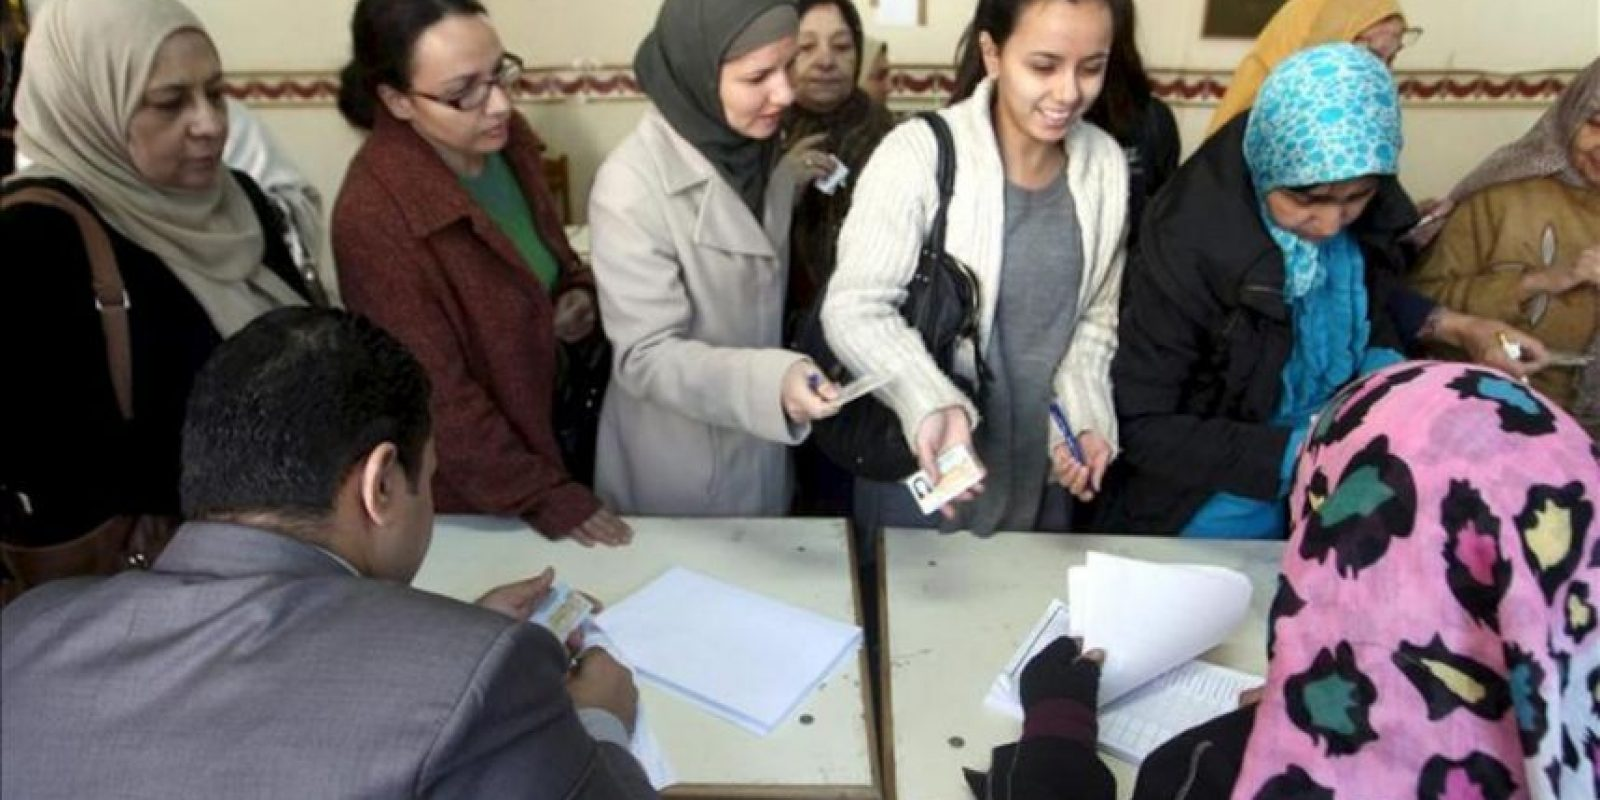 Un grupo de mujeres egipcias se dirigen a votar en la segunda vuelta del referéndum sobre la nueva constitución egipcia, hoy en un colegio electoral en Giza, Egipto. EFE